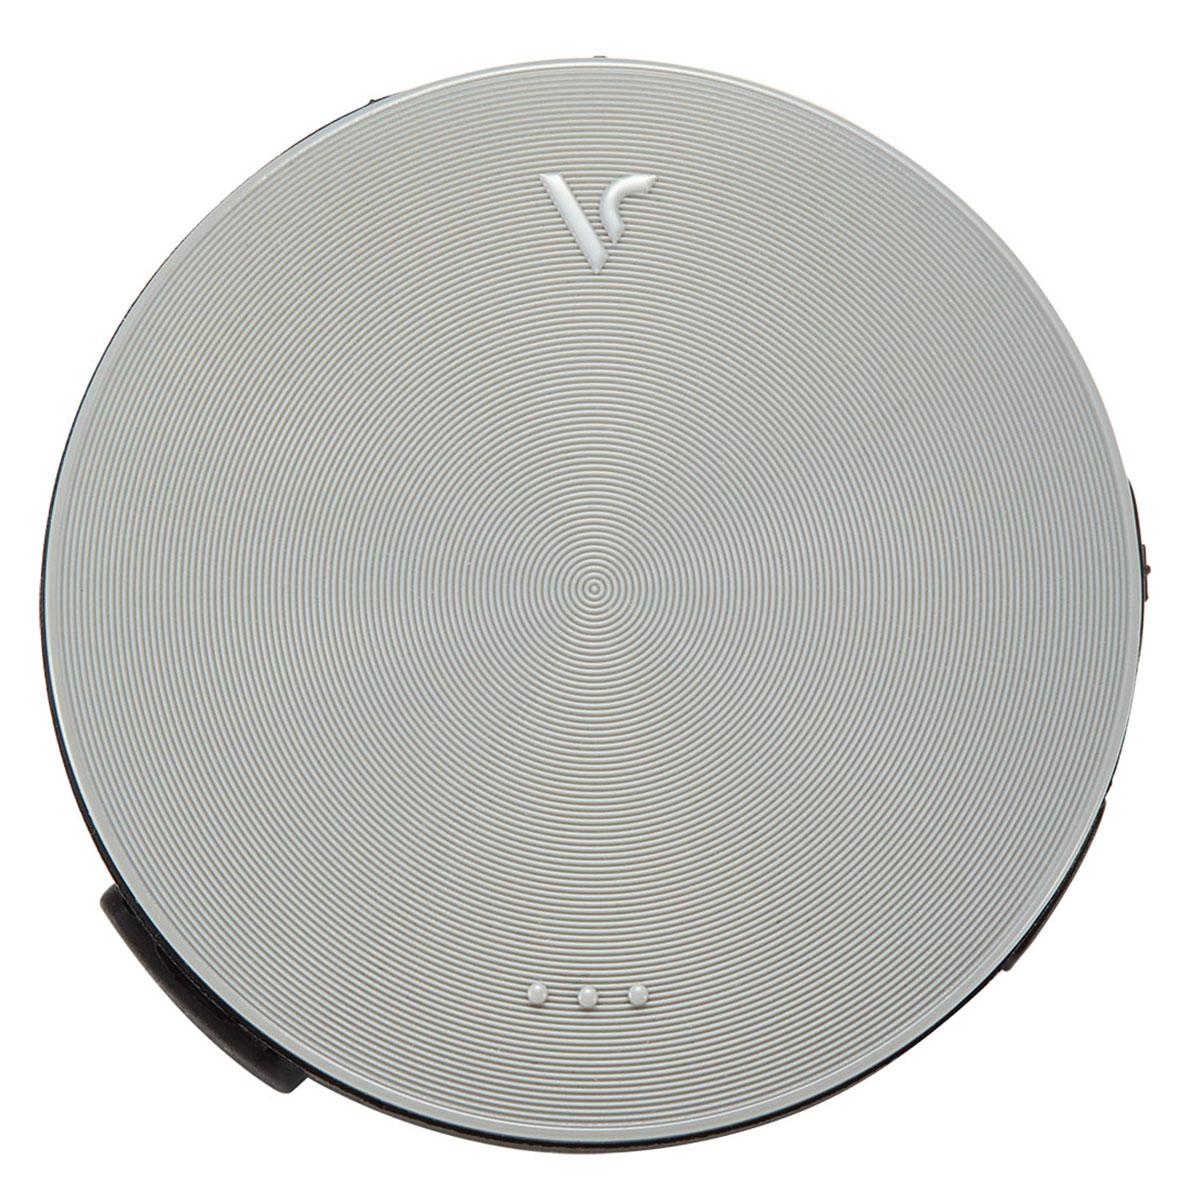 ボイスキャディ VC4 エイミング 音声型GPS距離計